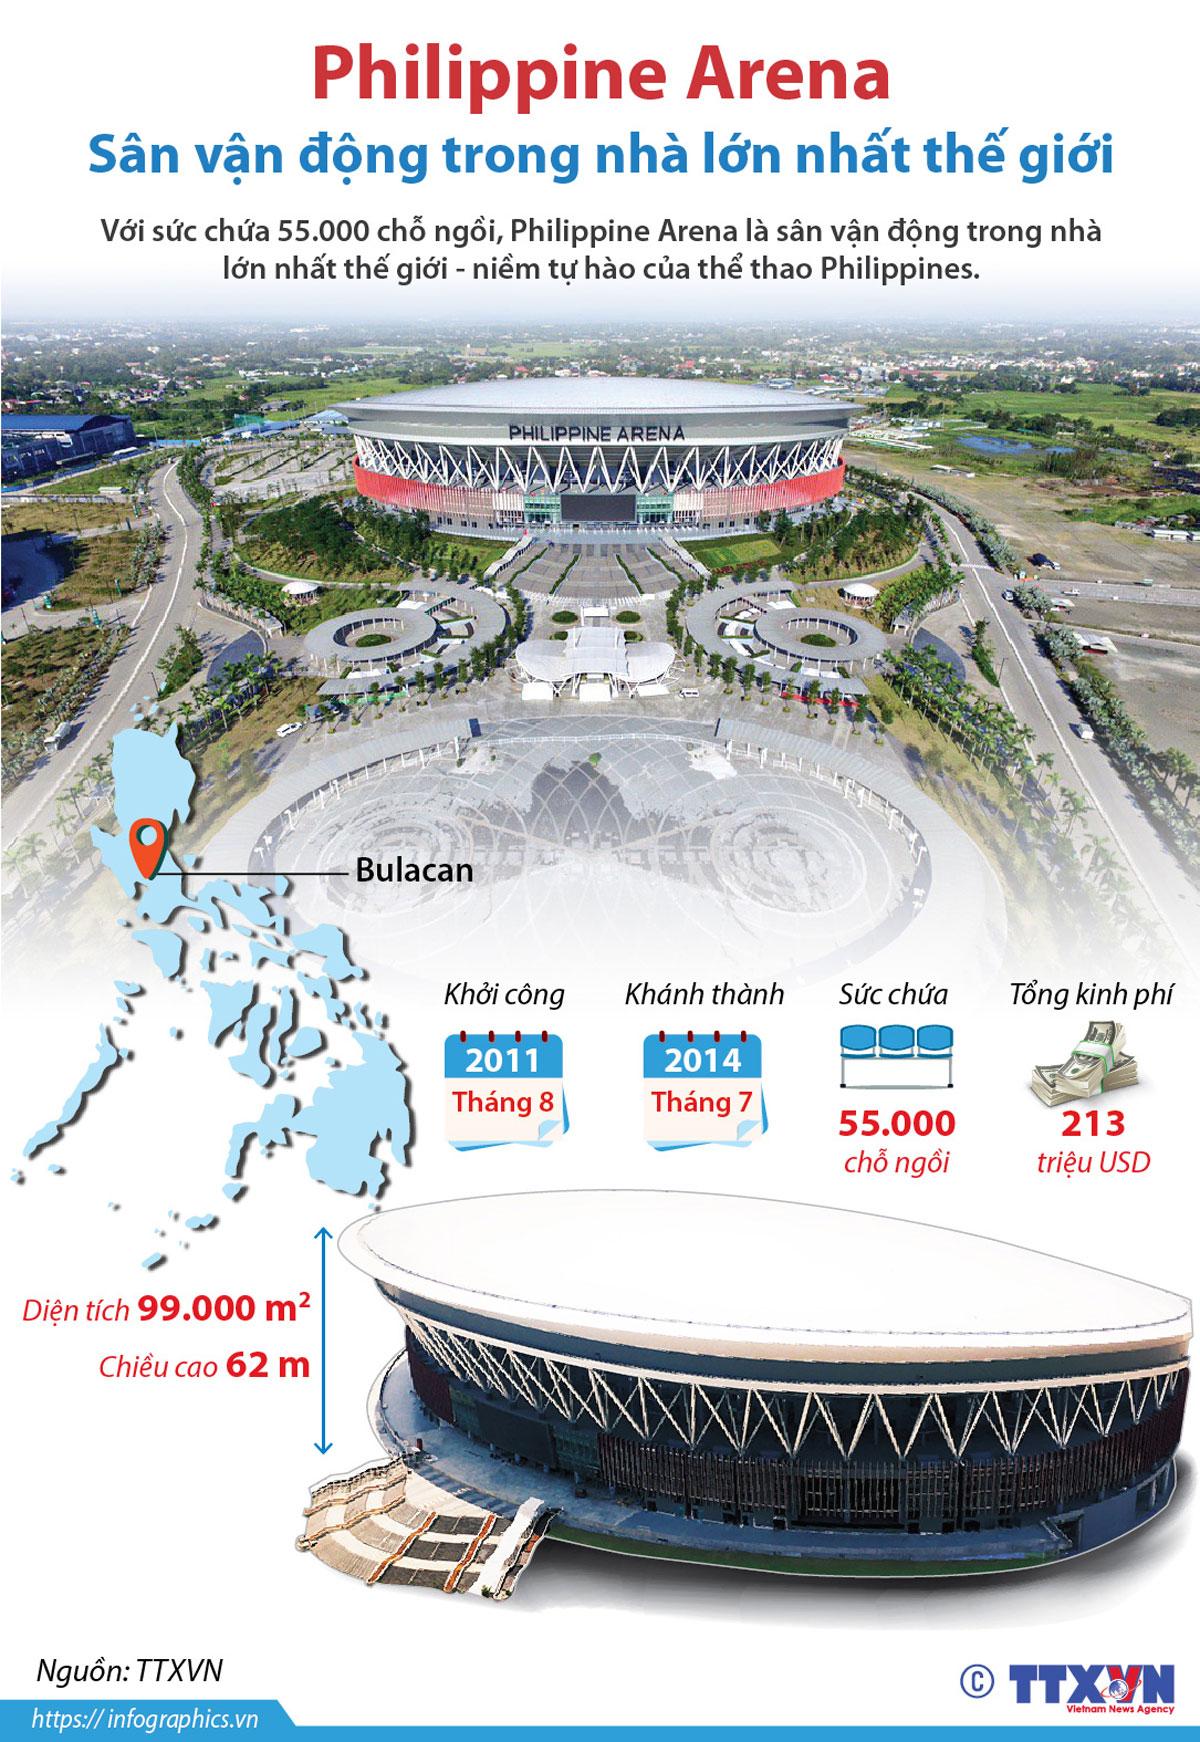 philippine arena, sân vận động trong nhà, lớn nhất, thế giới, philippine, sea games 30, khai mạc